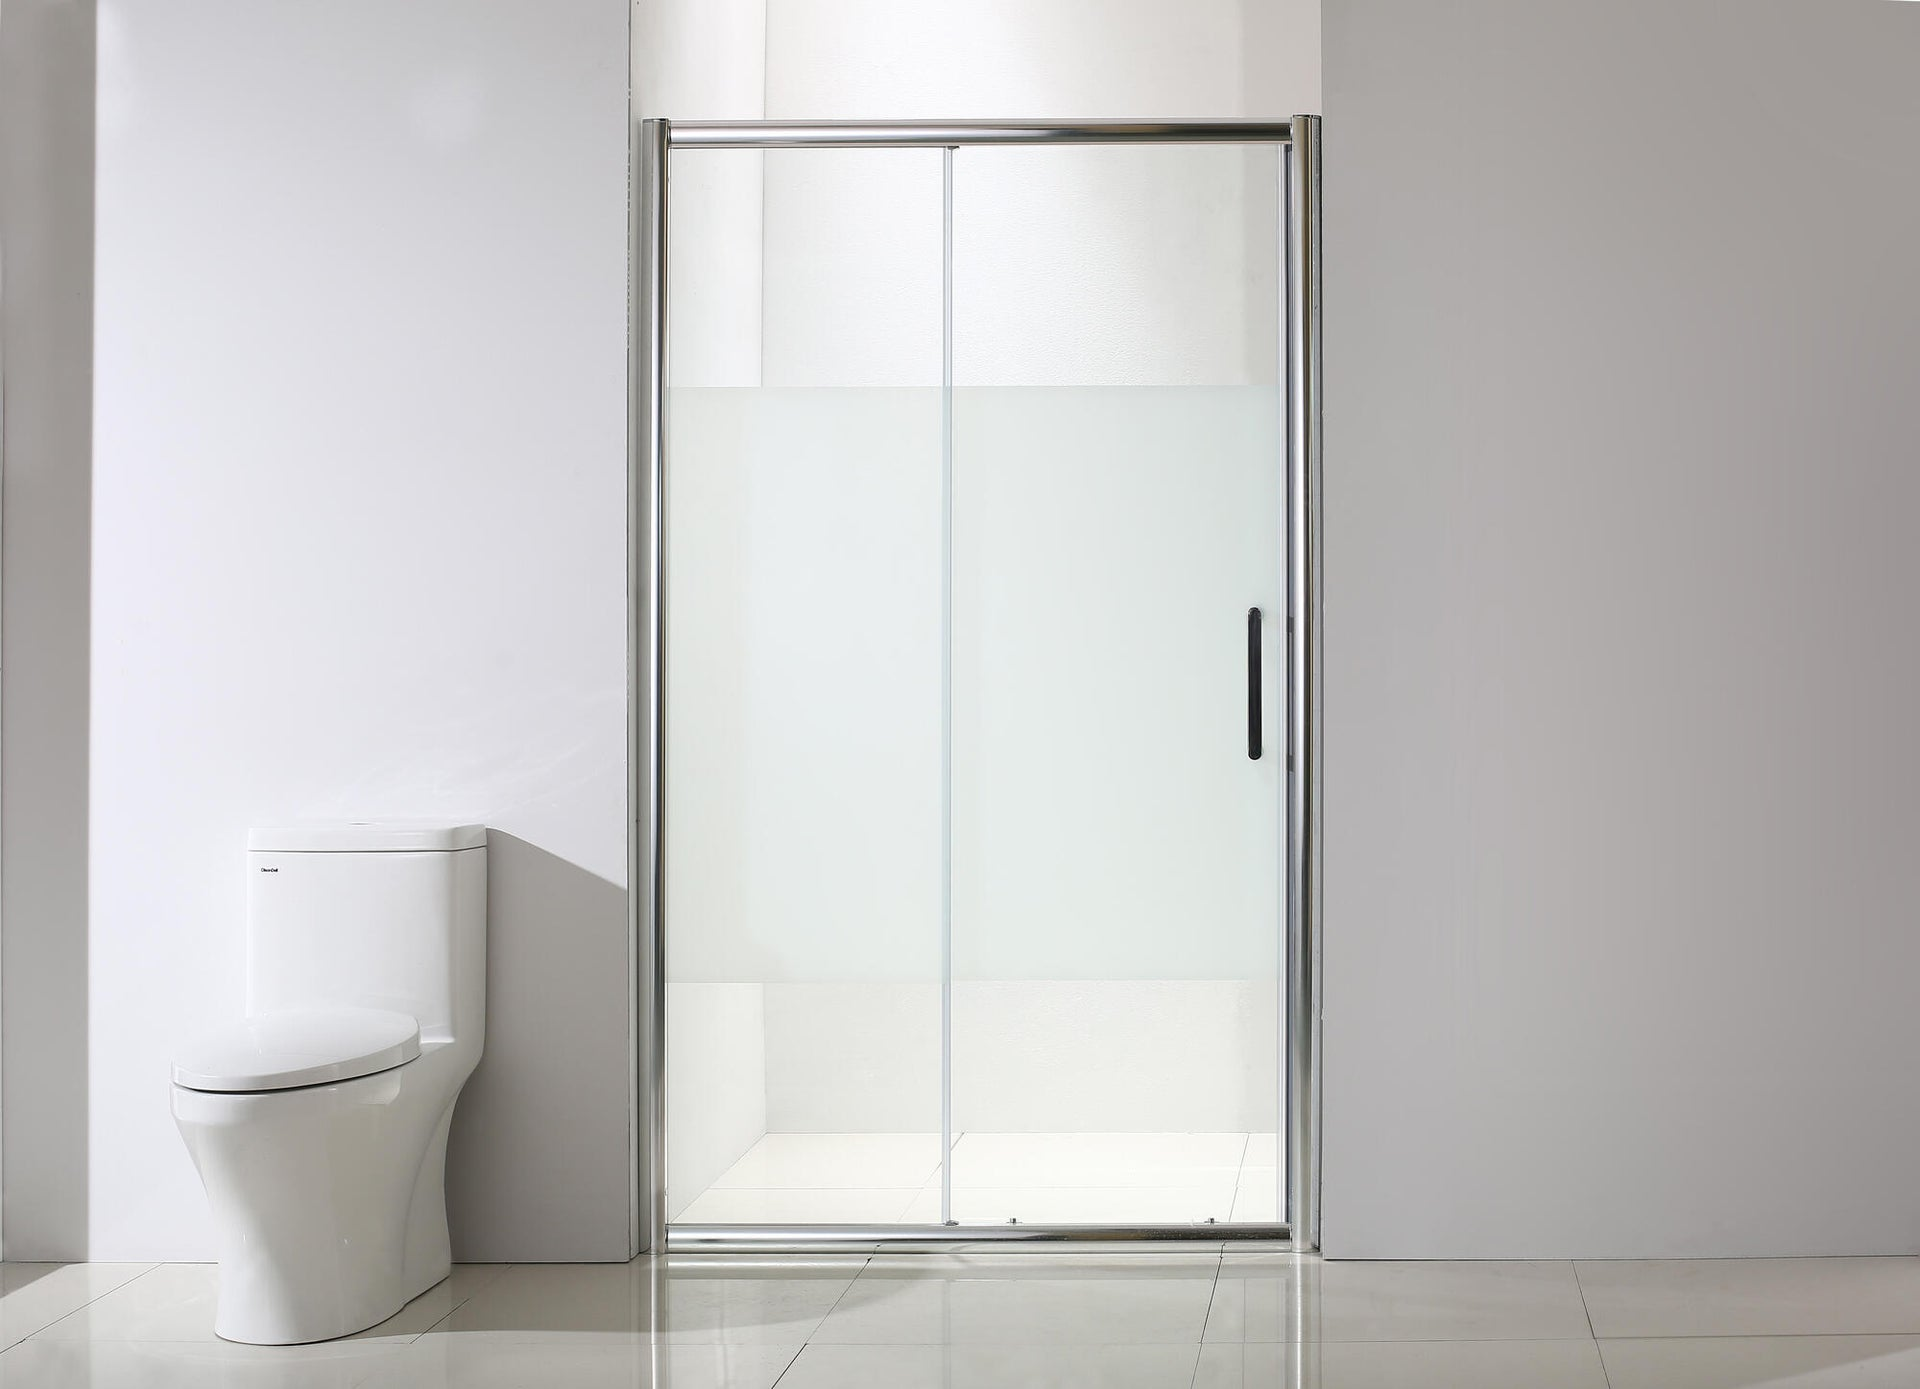 Porta doccia scorrevole Quad 120 cm, H 190 cm in vetro, spessore 6 mm serigrafato cromato - 7